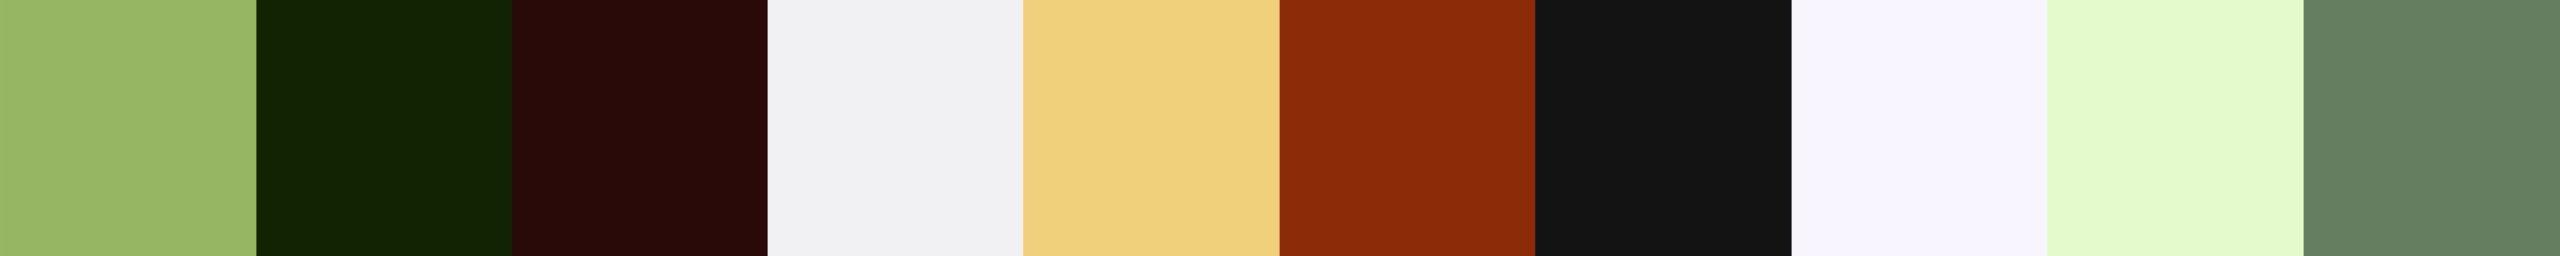 111 Ekernia Color Palette